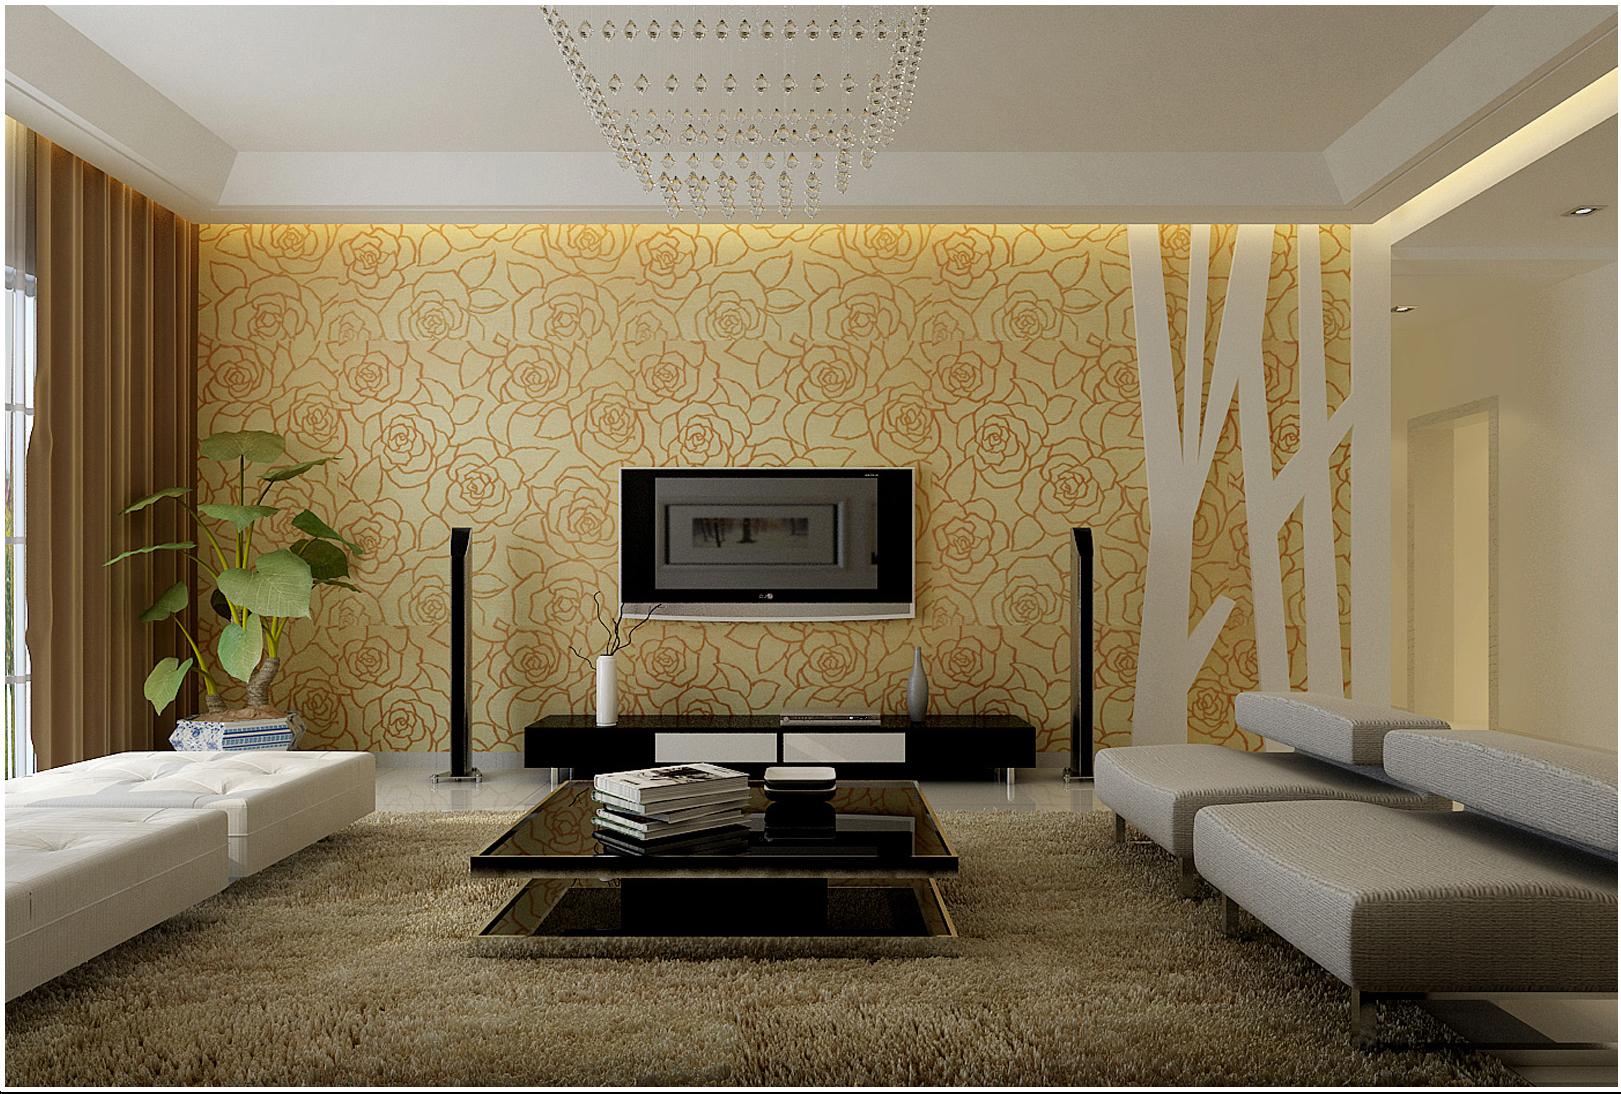 大观国际 现代简约 两居 客厅图片来自郑州实创装饰啊静在大观国际现代简约两居的分享